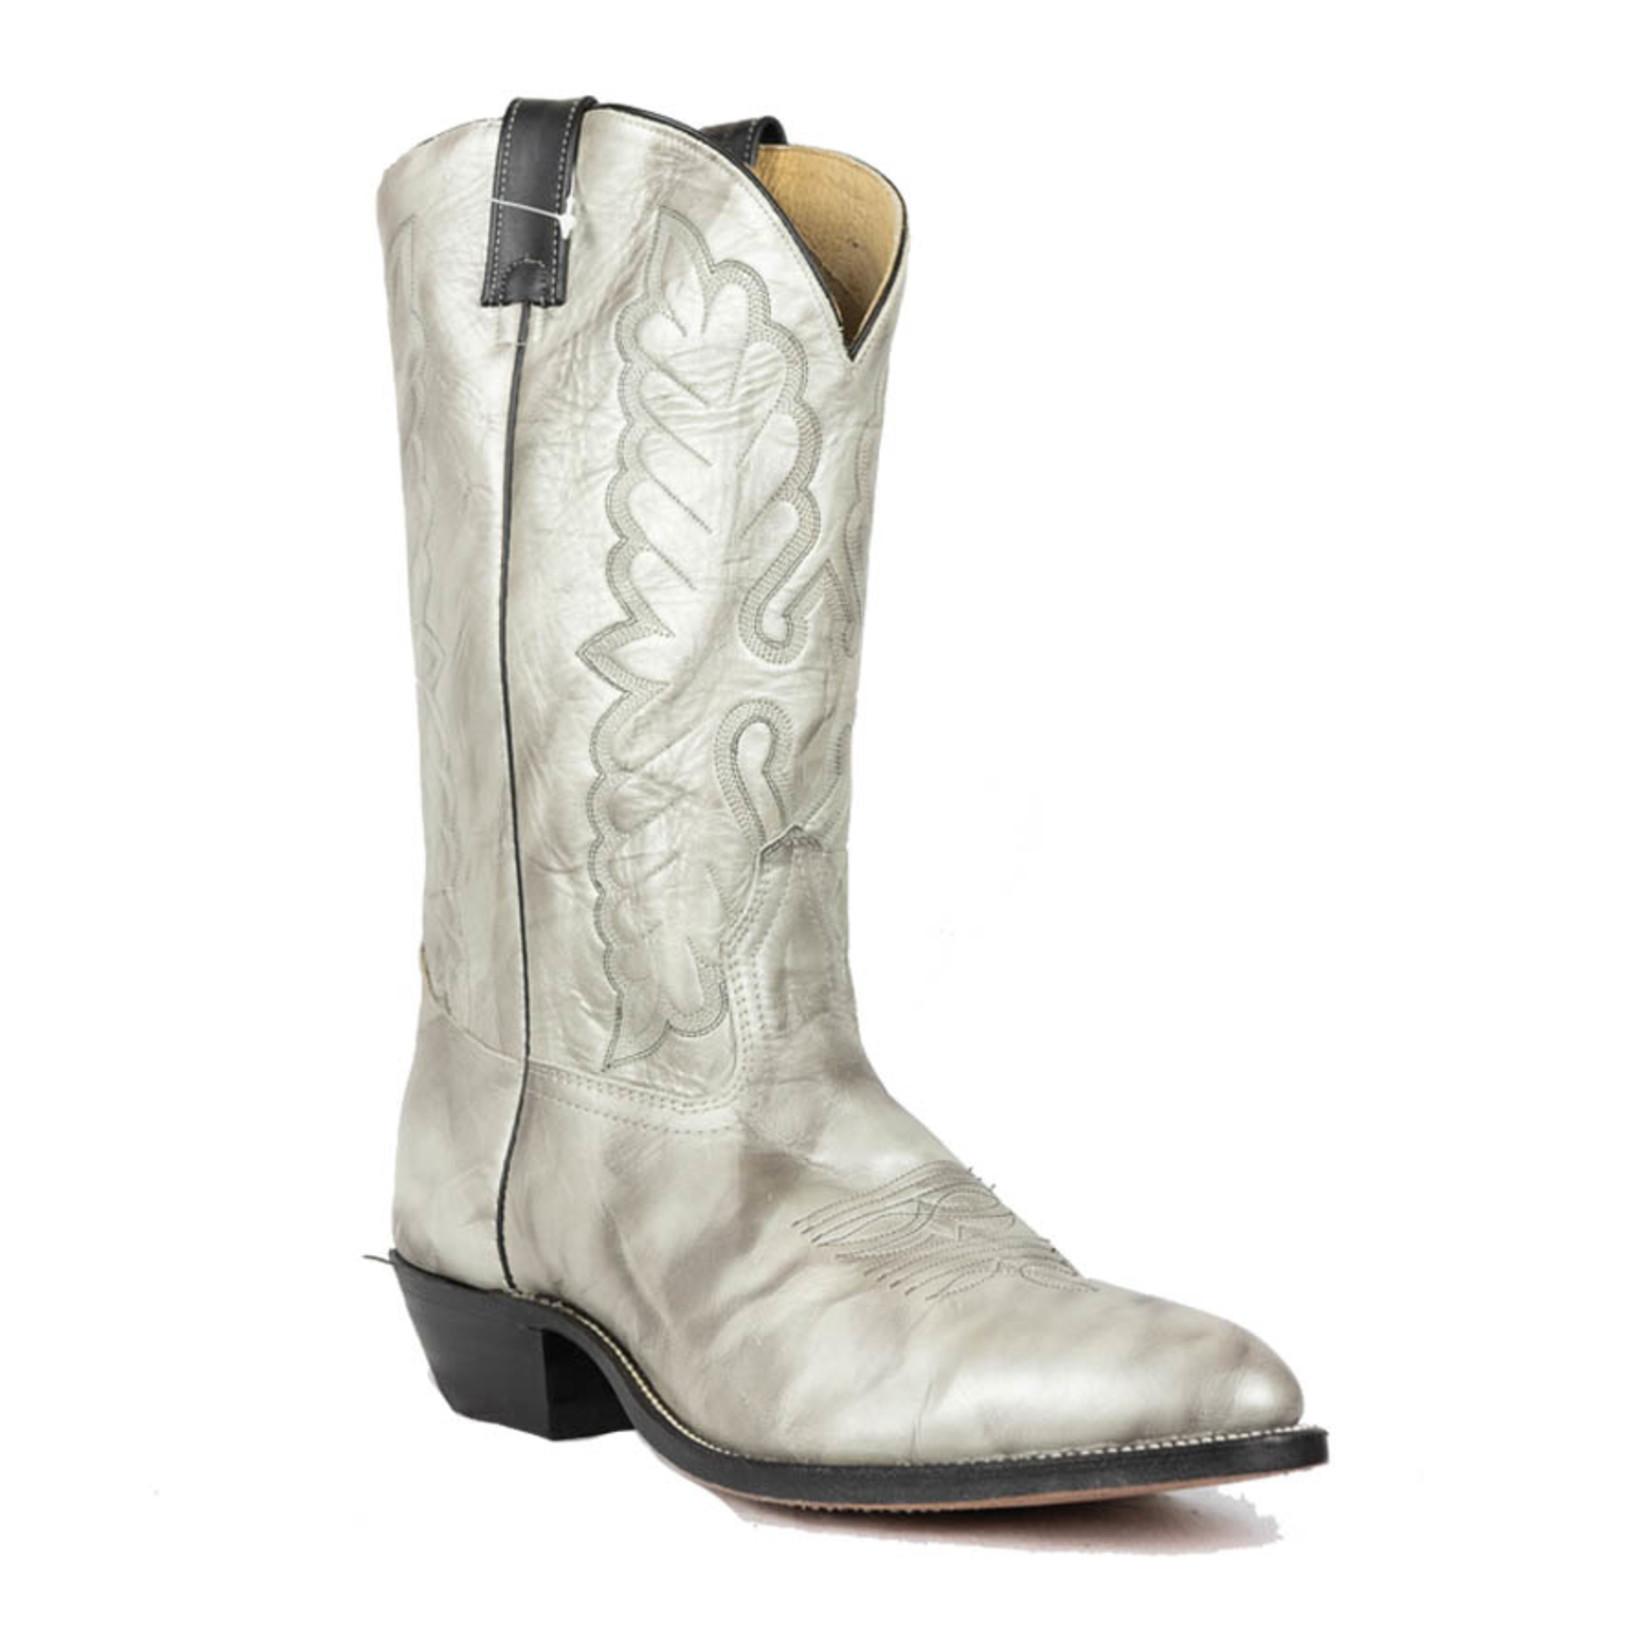 Brahma Brahma Men's Cowboy Boot 6462S E